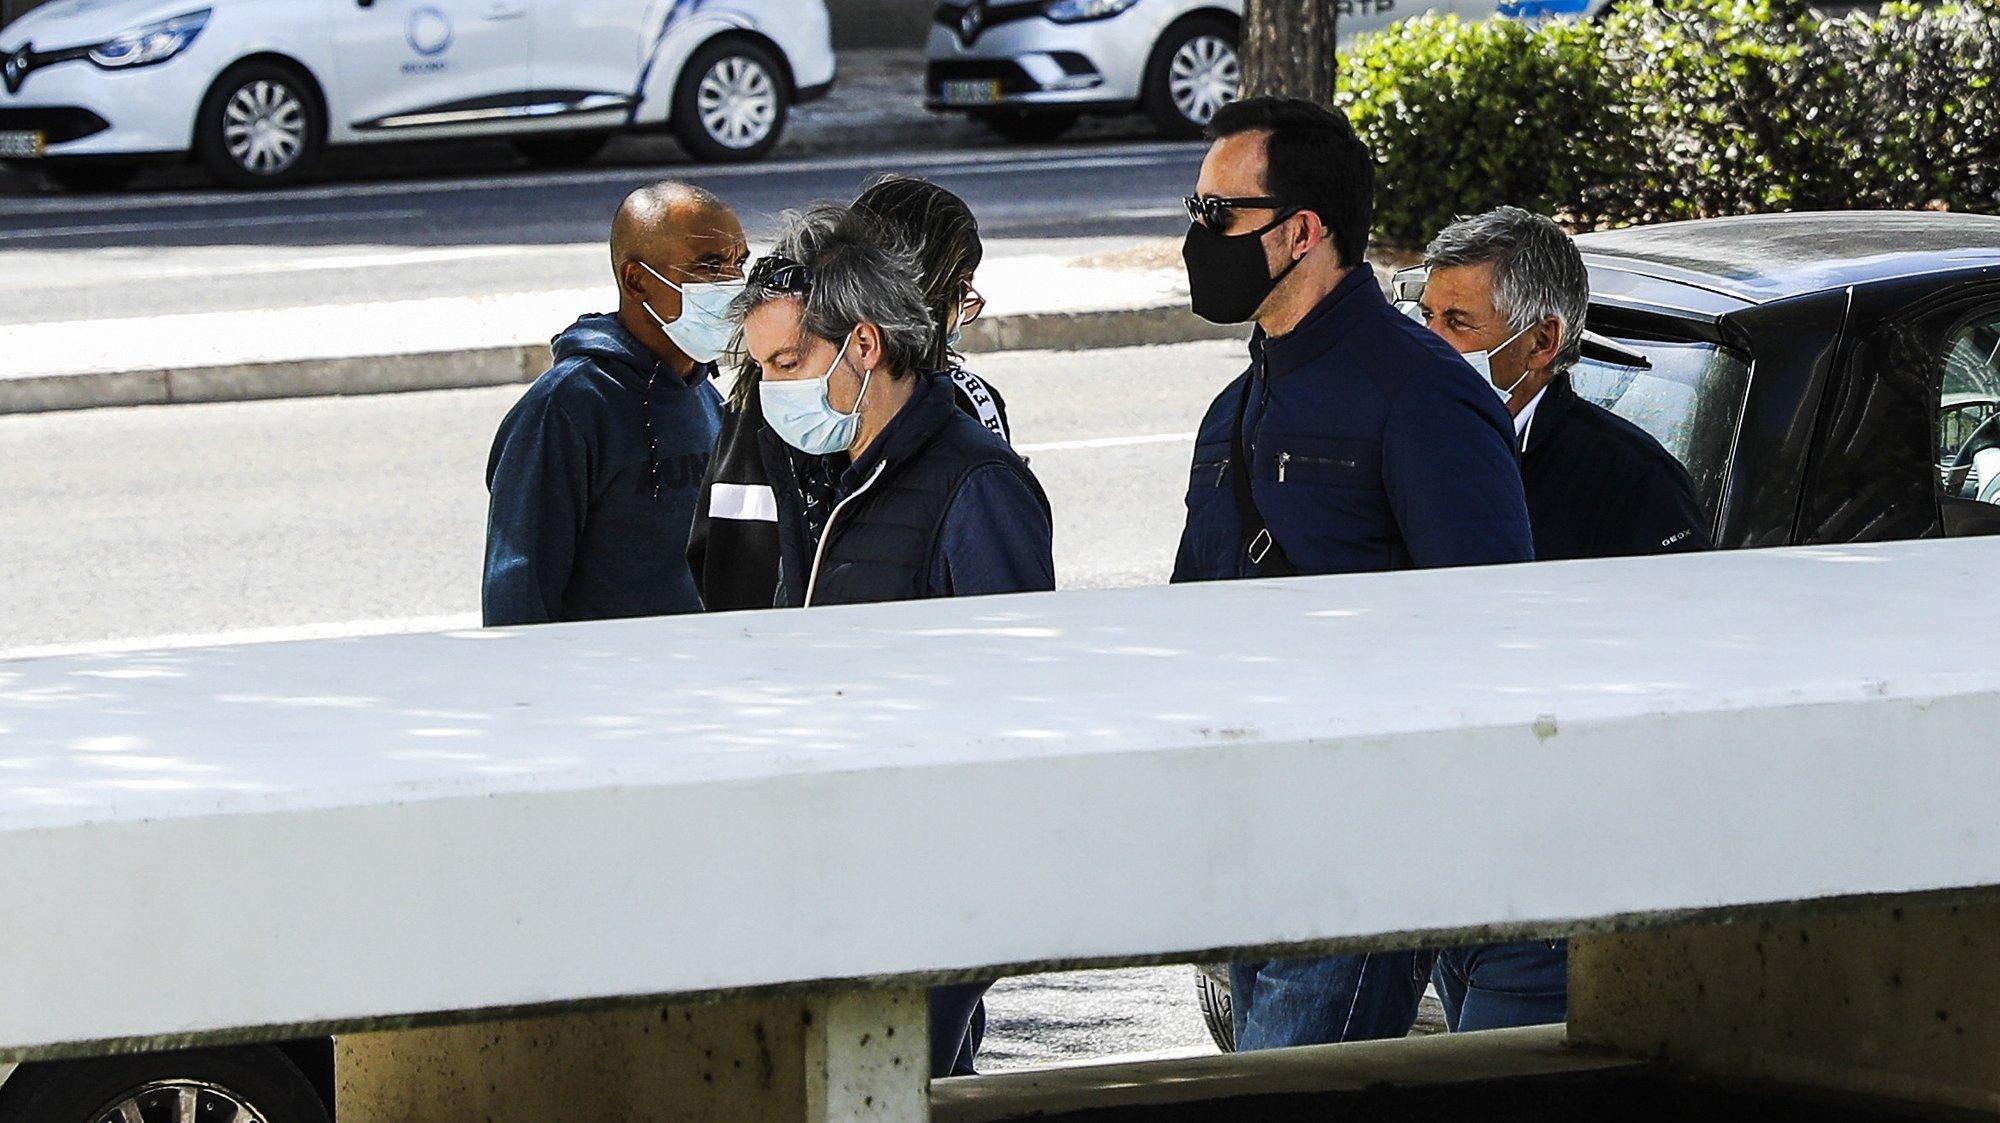 Luis Silva (2D), um dos três inspetores do Serviço de Estrangeiros e Fronteiras (SEF), após a leitura do acórdão do processo em que estão a ser julgados pela morte à pancada de Ihor Homeniuk. Os arguidos estão acusados de homicídio qualificado, punível com penas de até 25 anos de prisão. O crime terá ocorrido a 12 de março, dois dias após o cidadão do Leste ter sido impedido de entrar em Portugal, alegadamente por não ter visto de trabalho. Após ser espancado, terá sido deixado no chão, manietado, a asfixiar lentamente até à morte. Dois dos inspetores respondem ainda pelo crime de posse de arma proibida. Campus de Justiça em Lisboa, 10 de maio de 2021. MIGUEL A. LOPES/LUSA